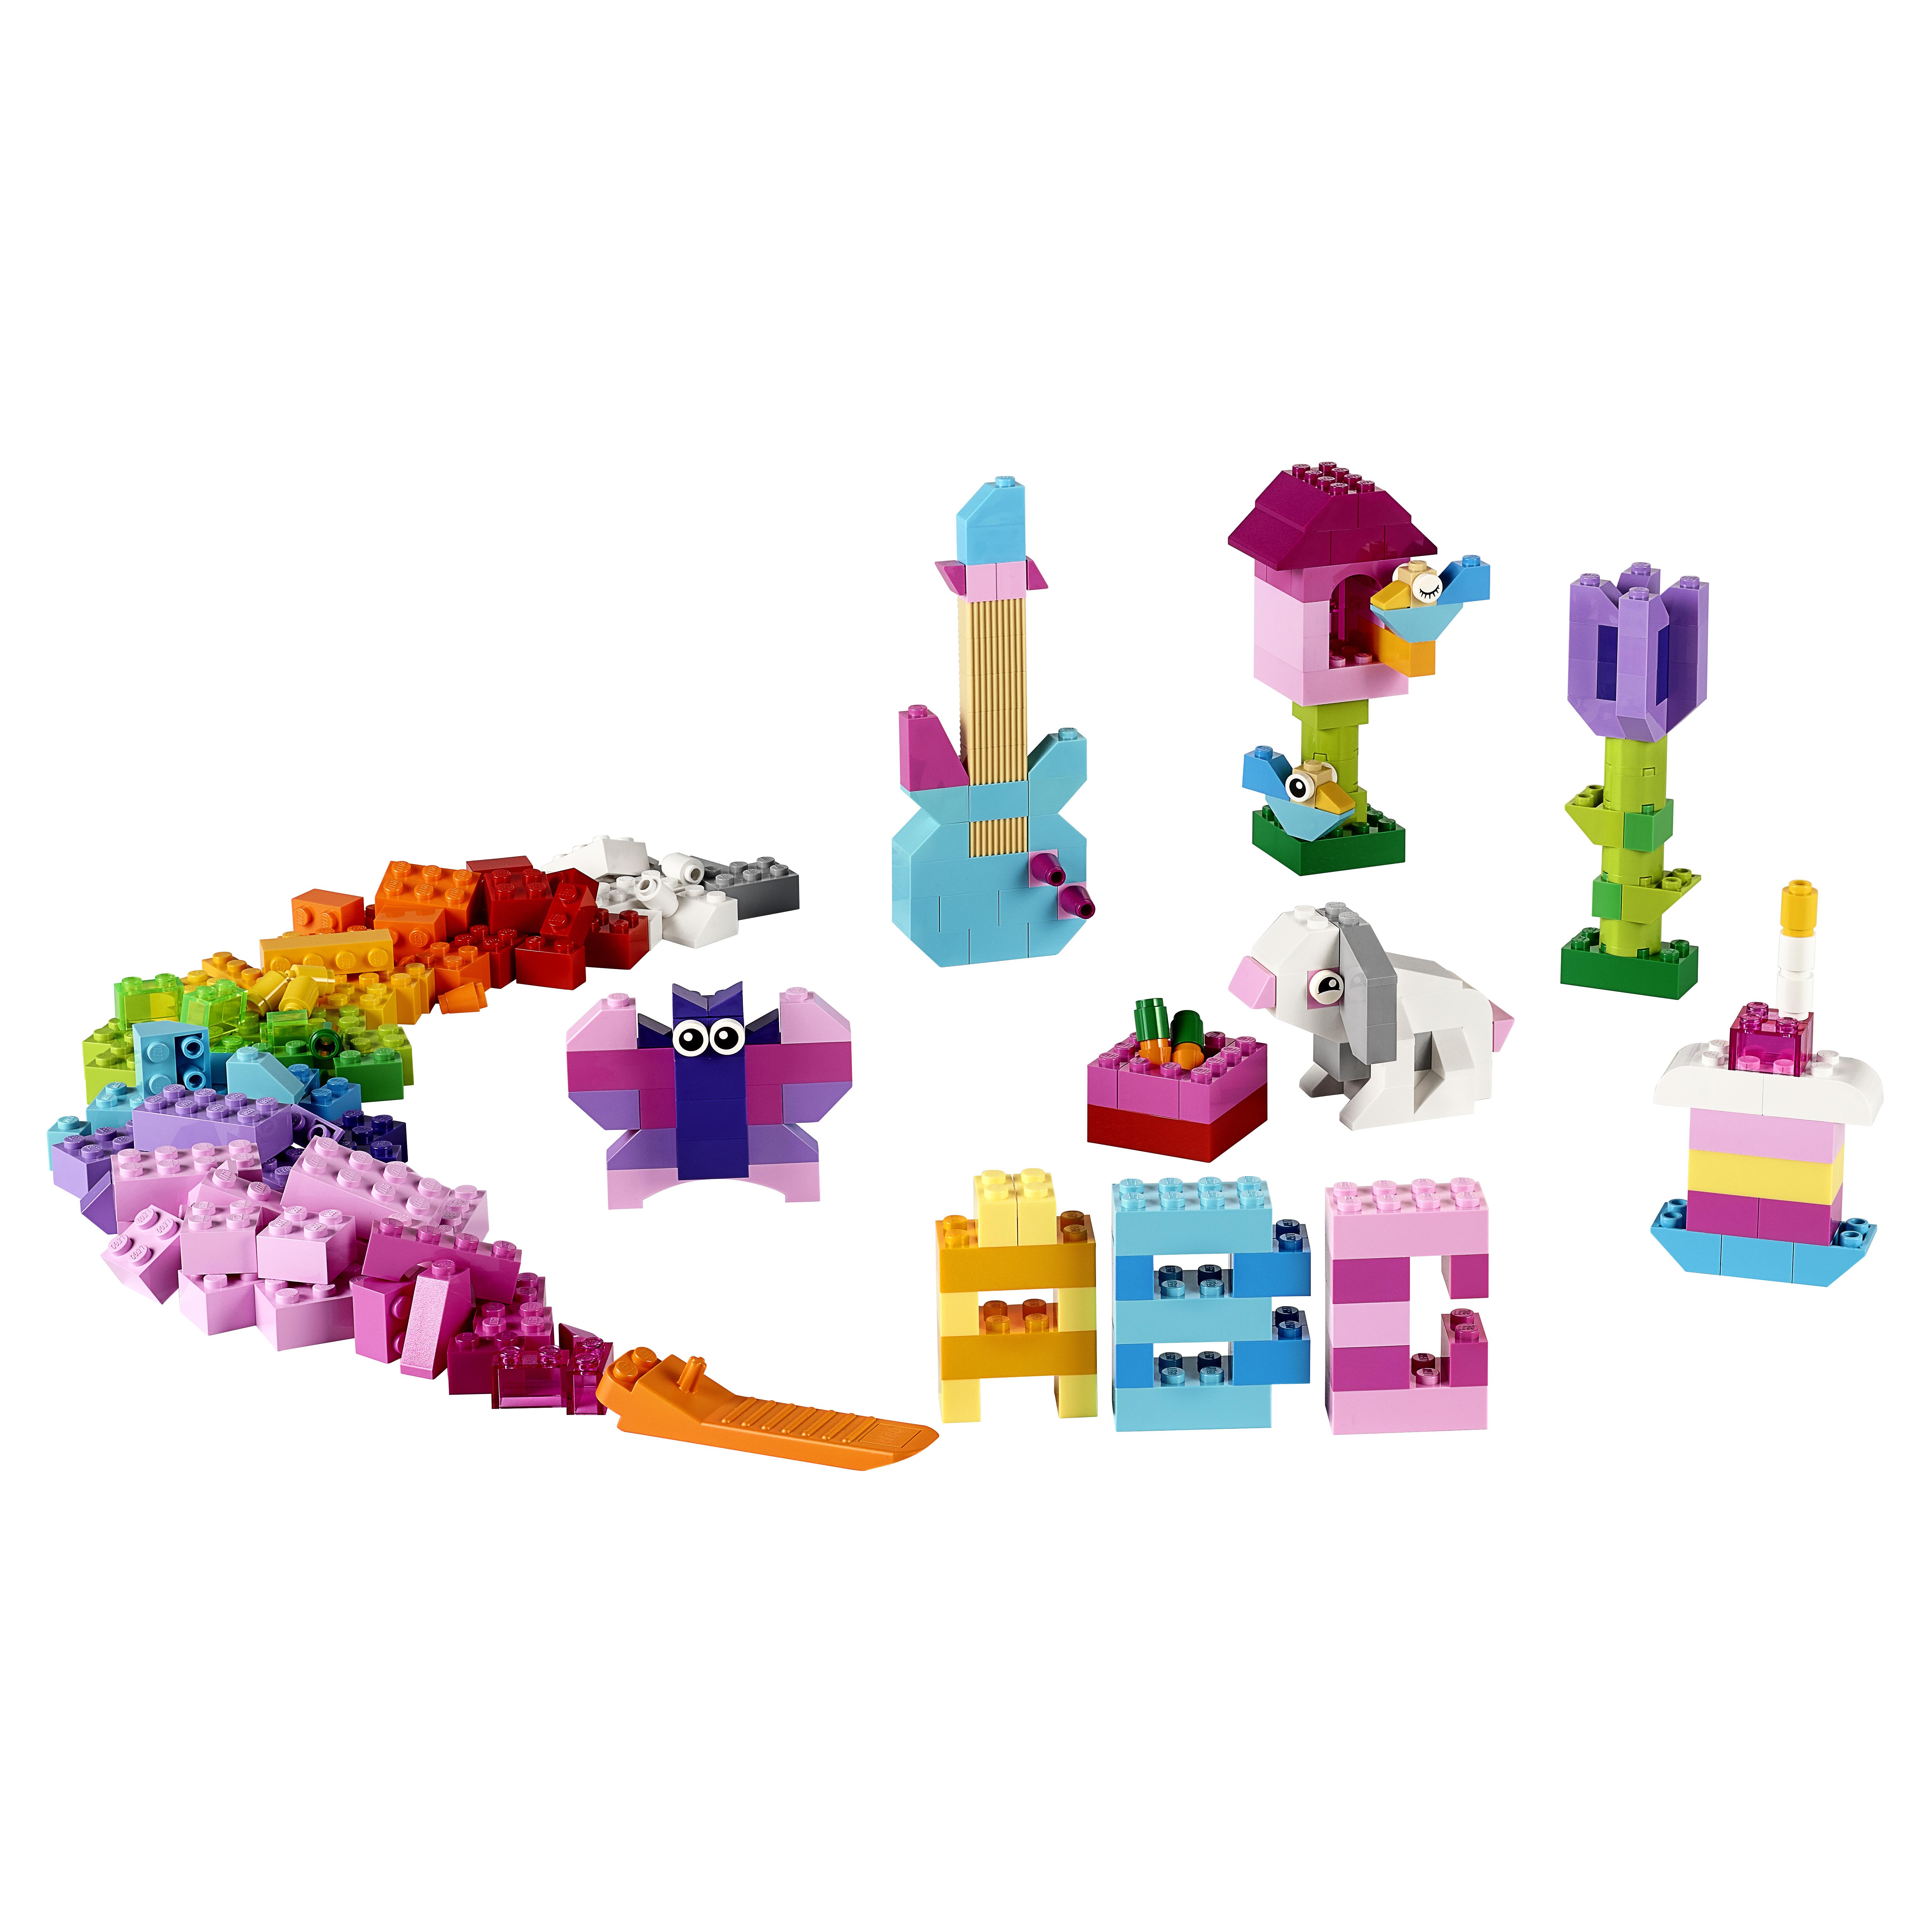 Купить Конструктор lego classic дополнение к набору для творчества – пастельные цвета 10694, Конструктор LEGO Classic Дополнение к набору для творчества – пастельные цвета (10694), LEGO для девочек